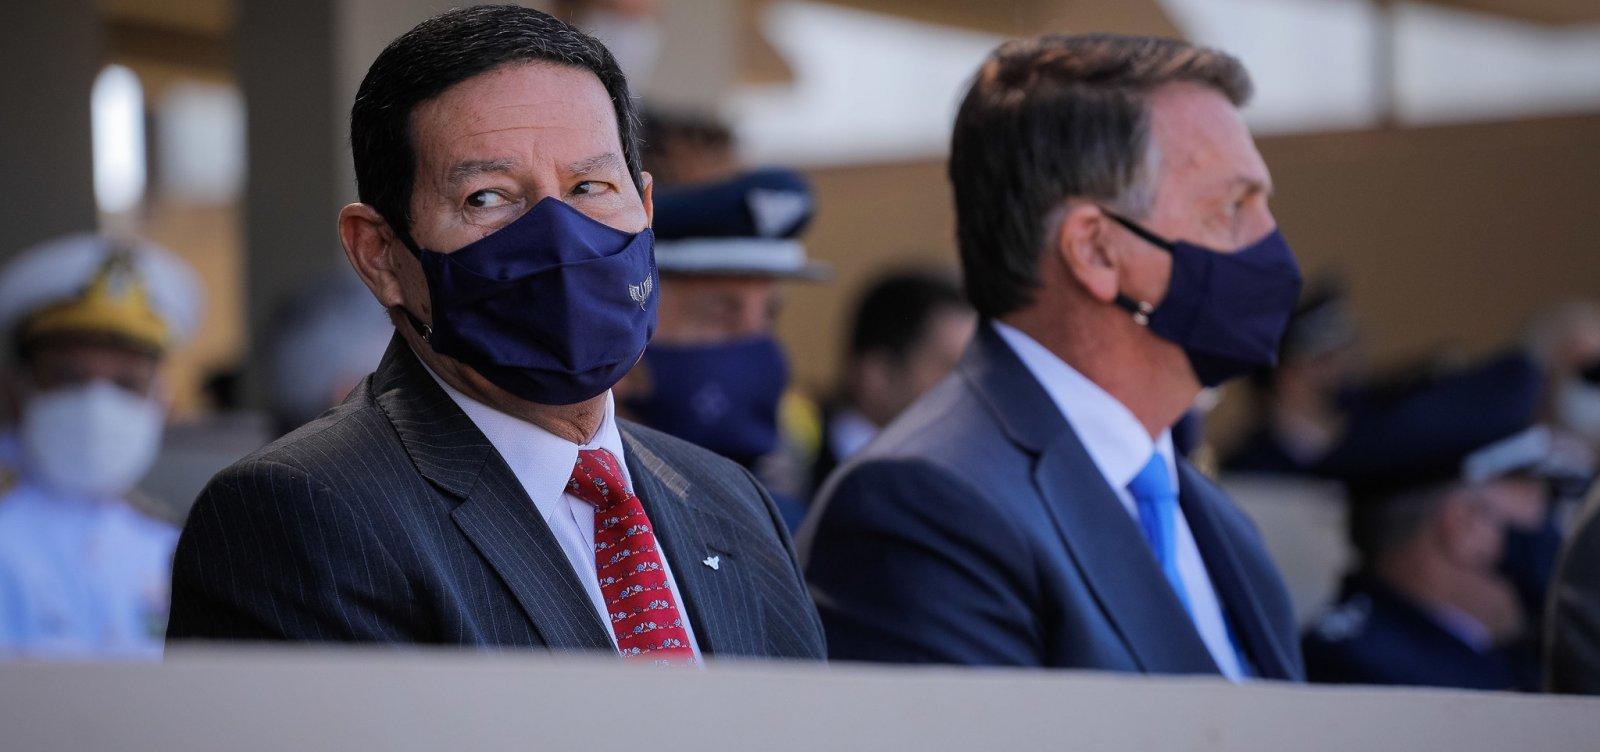 """Bolsonaro diz que Mourão """"atrapalha um pouco"""" e indica que irá escolher outro para vice"""